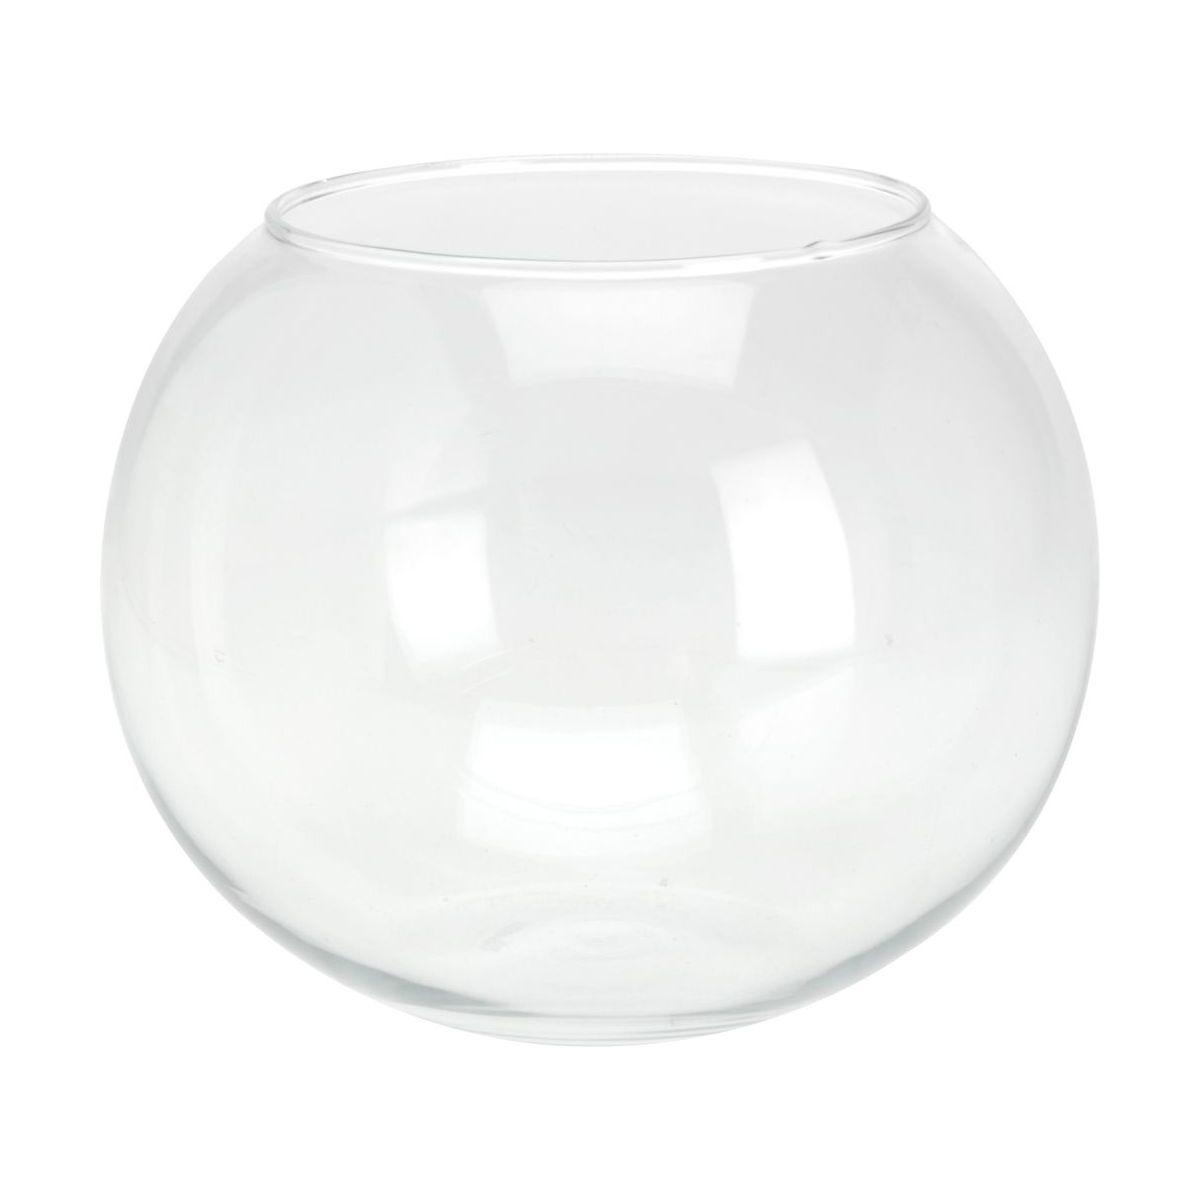 Ваза в форме шараваза, в форме шара, диам. 20 см, выс. 16 см<br>